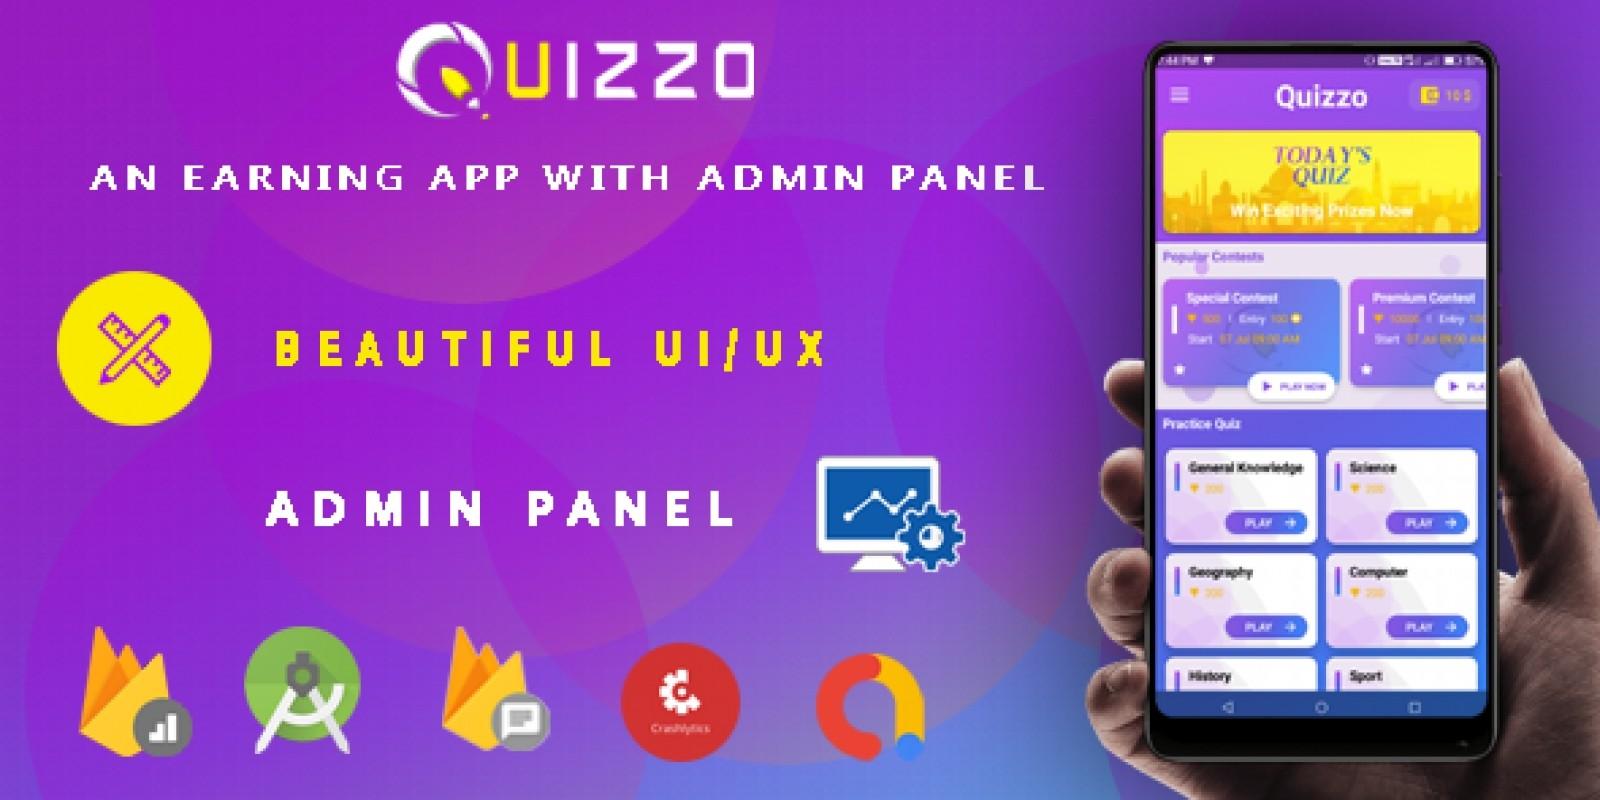 Quiz App - Android UI UX Design Template